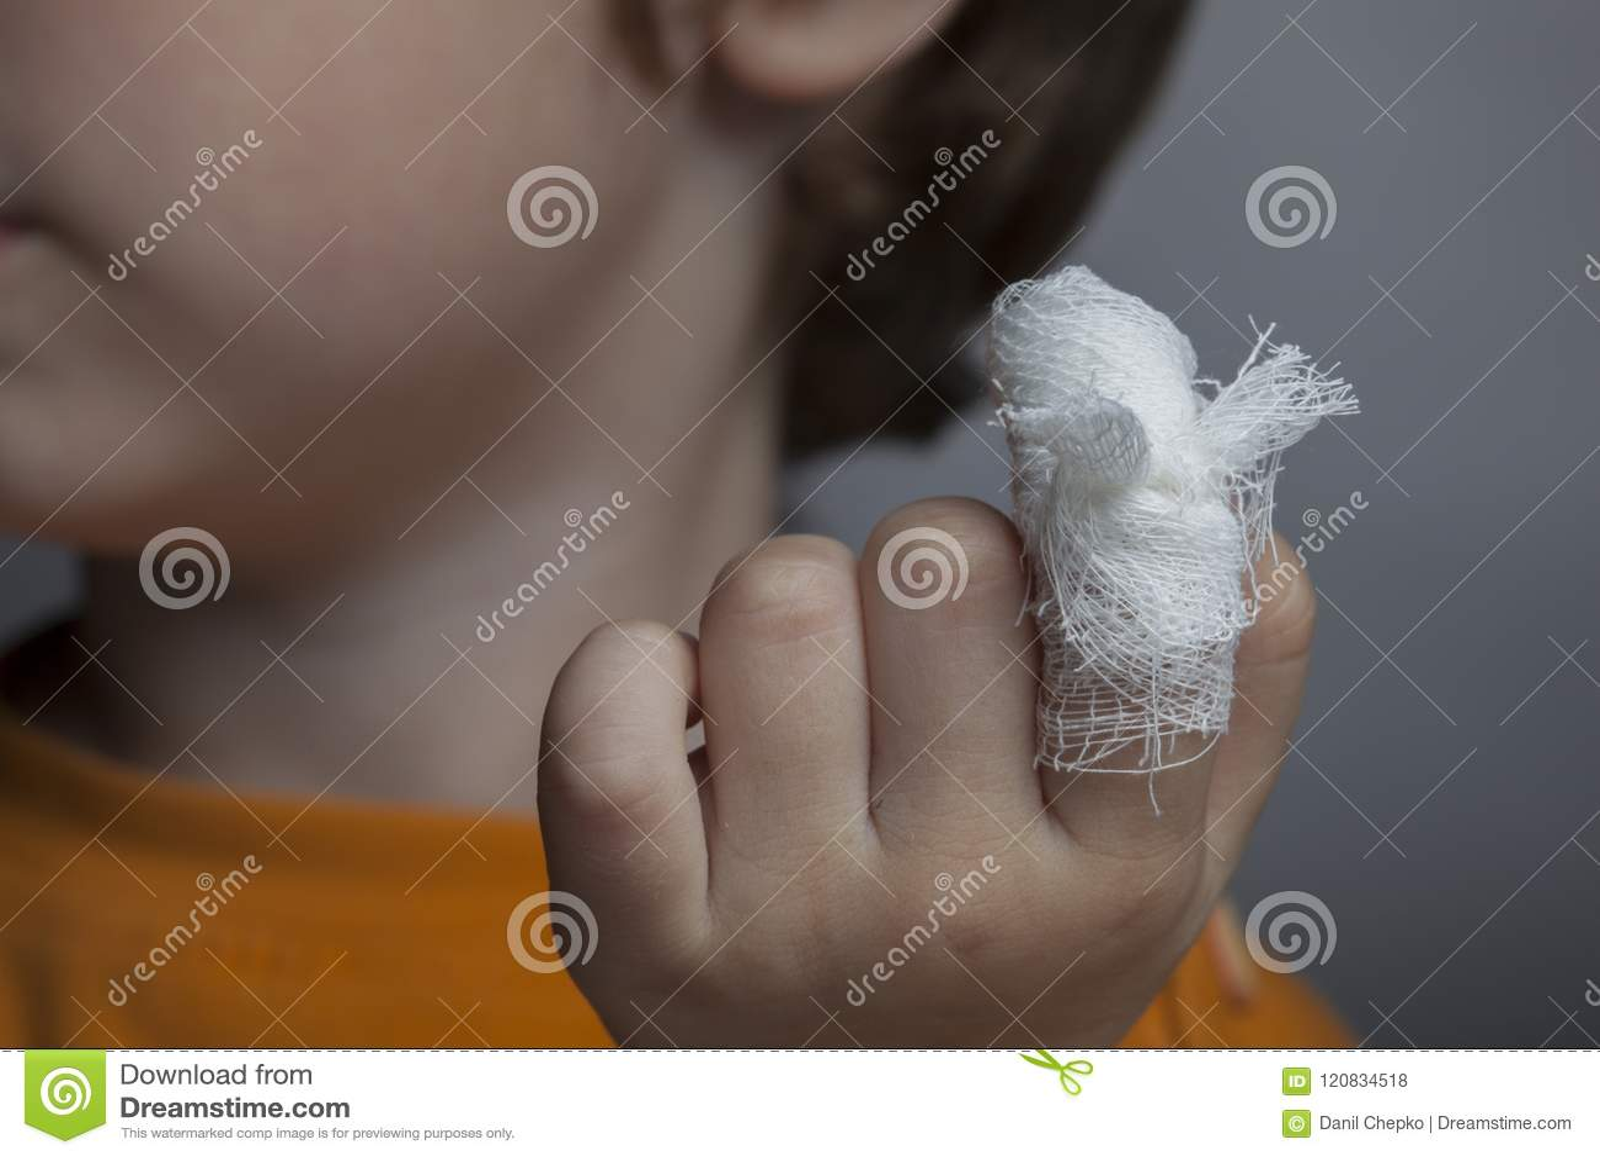 Мальчик с перевязанной раной на его пальце